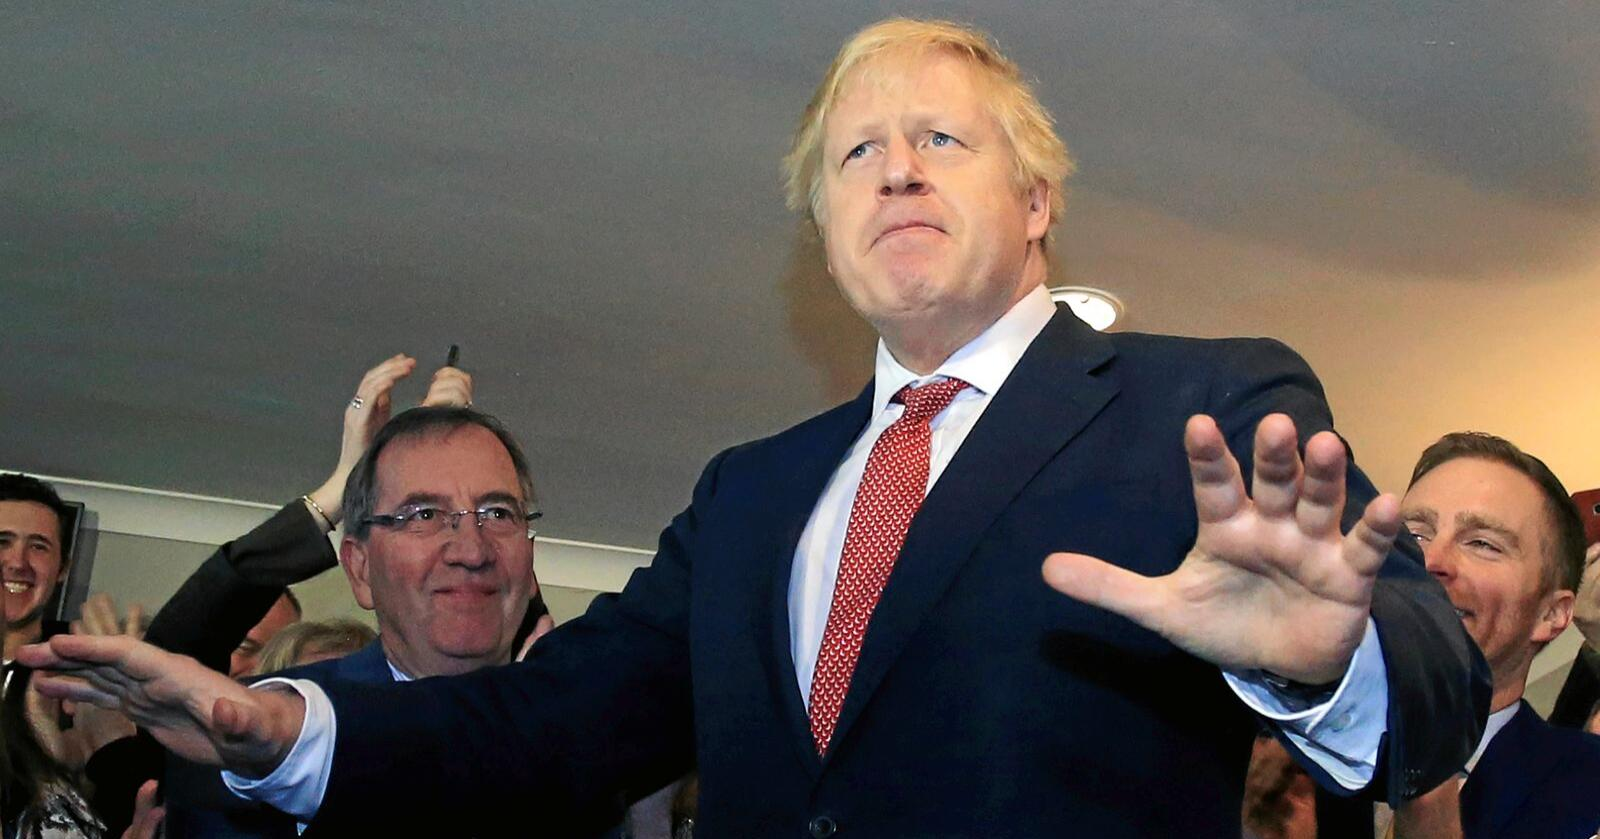 Gjenvalgt: Storbritannias statsminister Boris Johnson og det konservative partiet gjorde et brakvalg under parlamentsvalget i desember. Han lover brexit i 2020. Foto: Lindsey Parnaby / Pool / AP / NTB scanpix